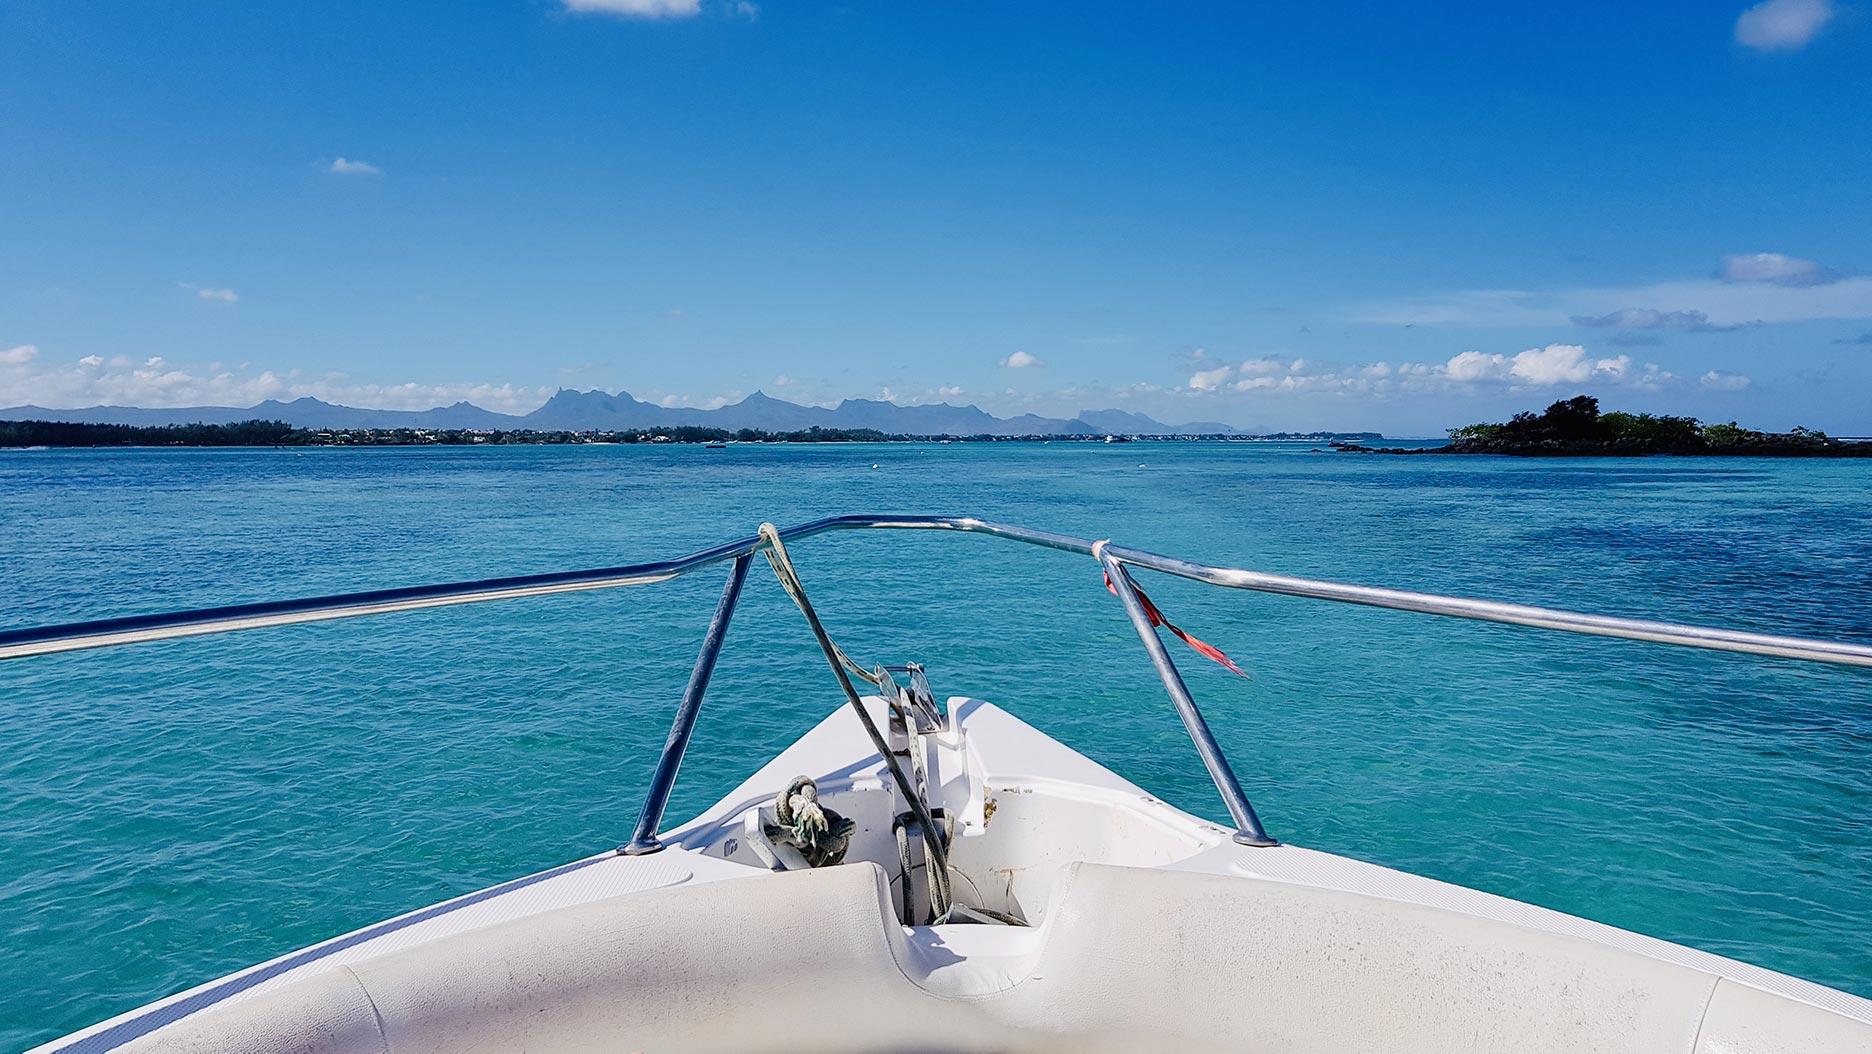 proue d'un bateau sur une eau turquoise à l'ile maurice